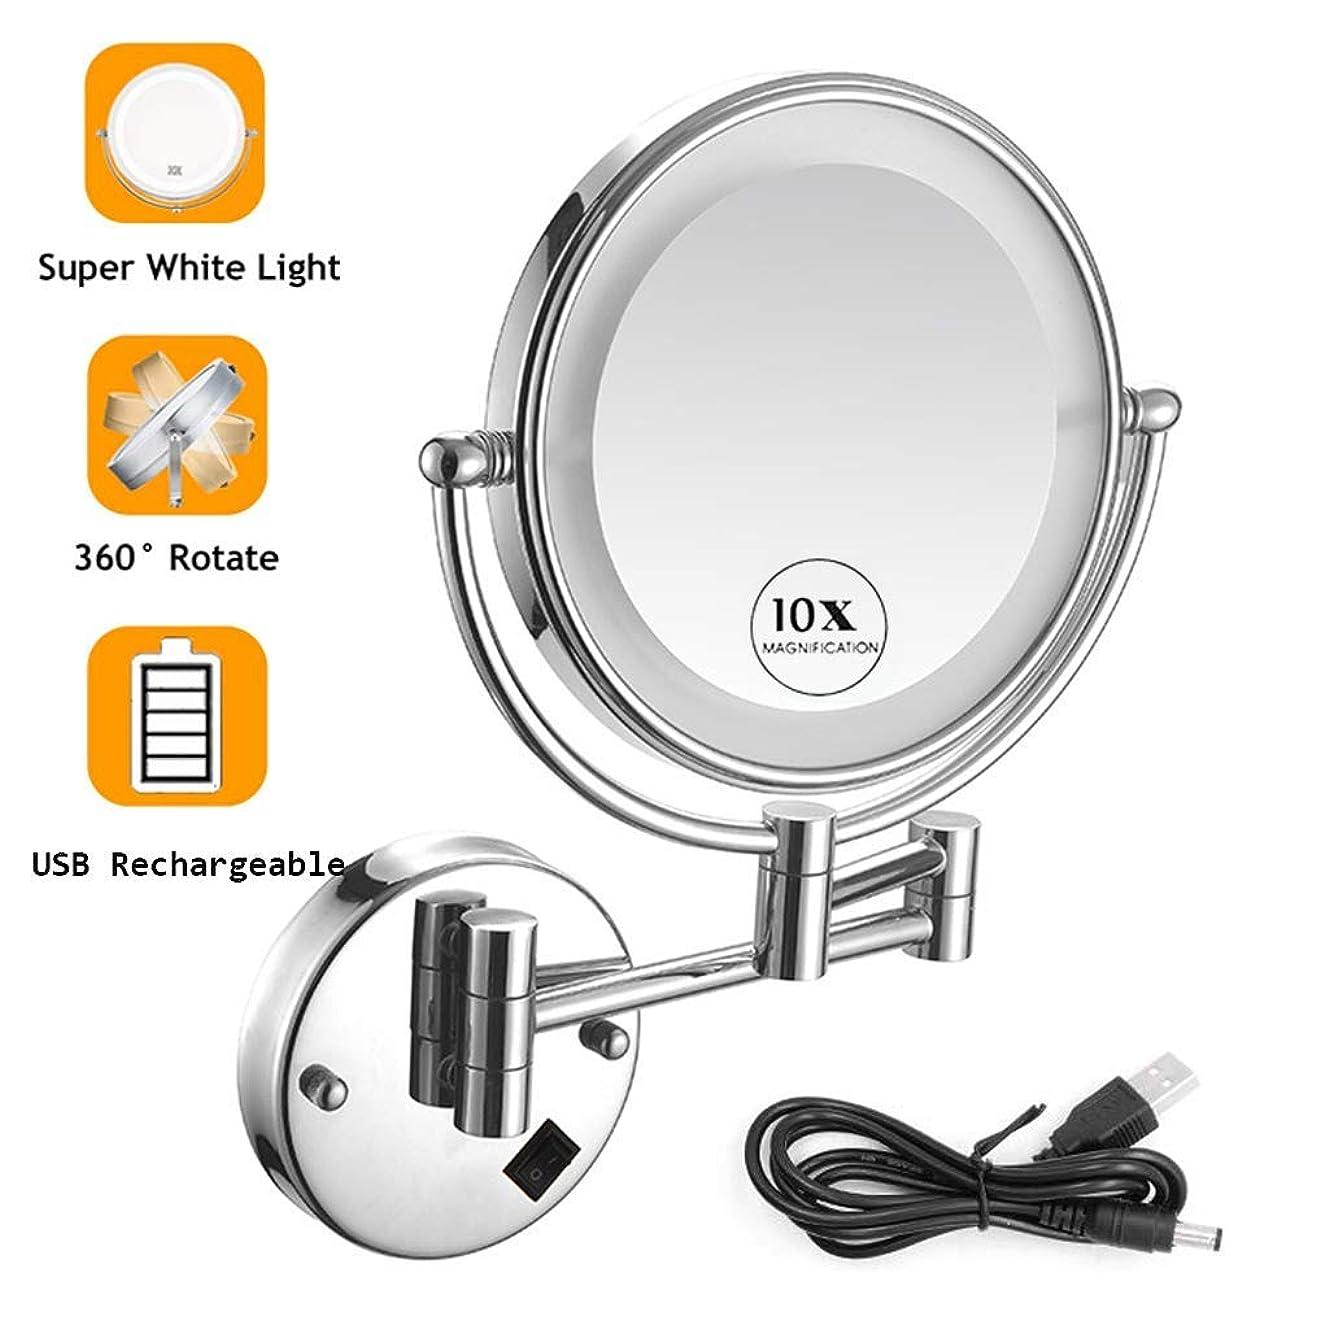 多分視力避難する壁掛け化粧鏡クローム、バスルーム壁掛け化粧鏡、10X拡大鏡、8インチ両面360度;?スイベル12インチ拡張、USB充電式